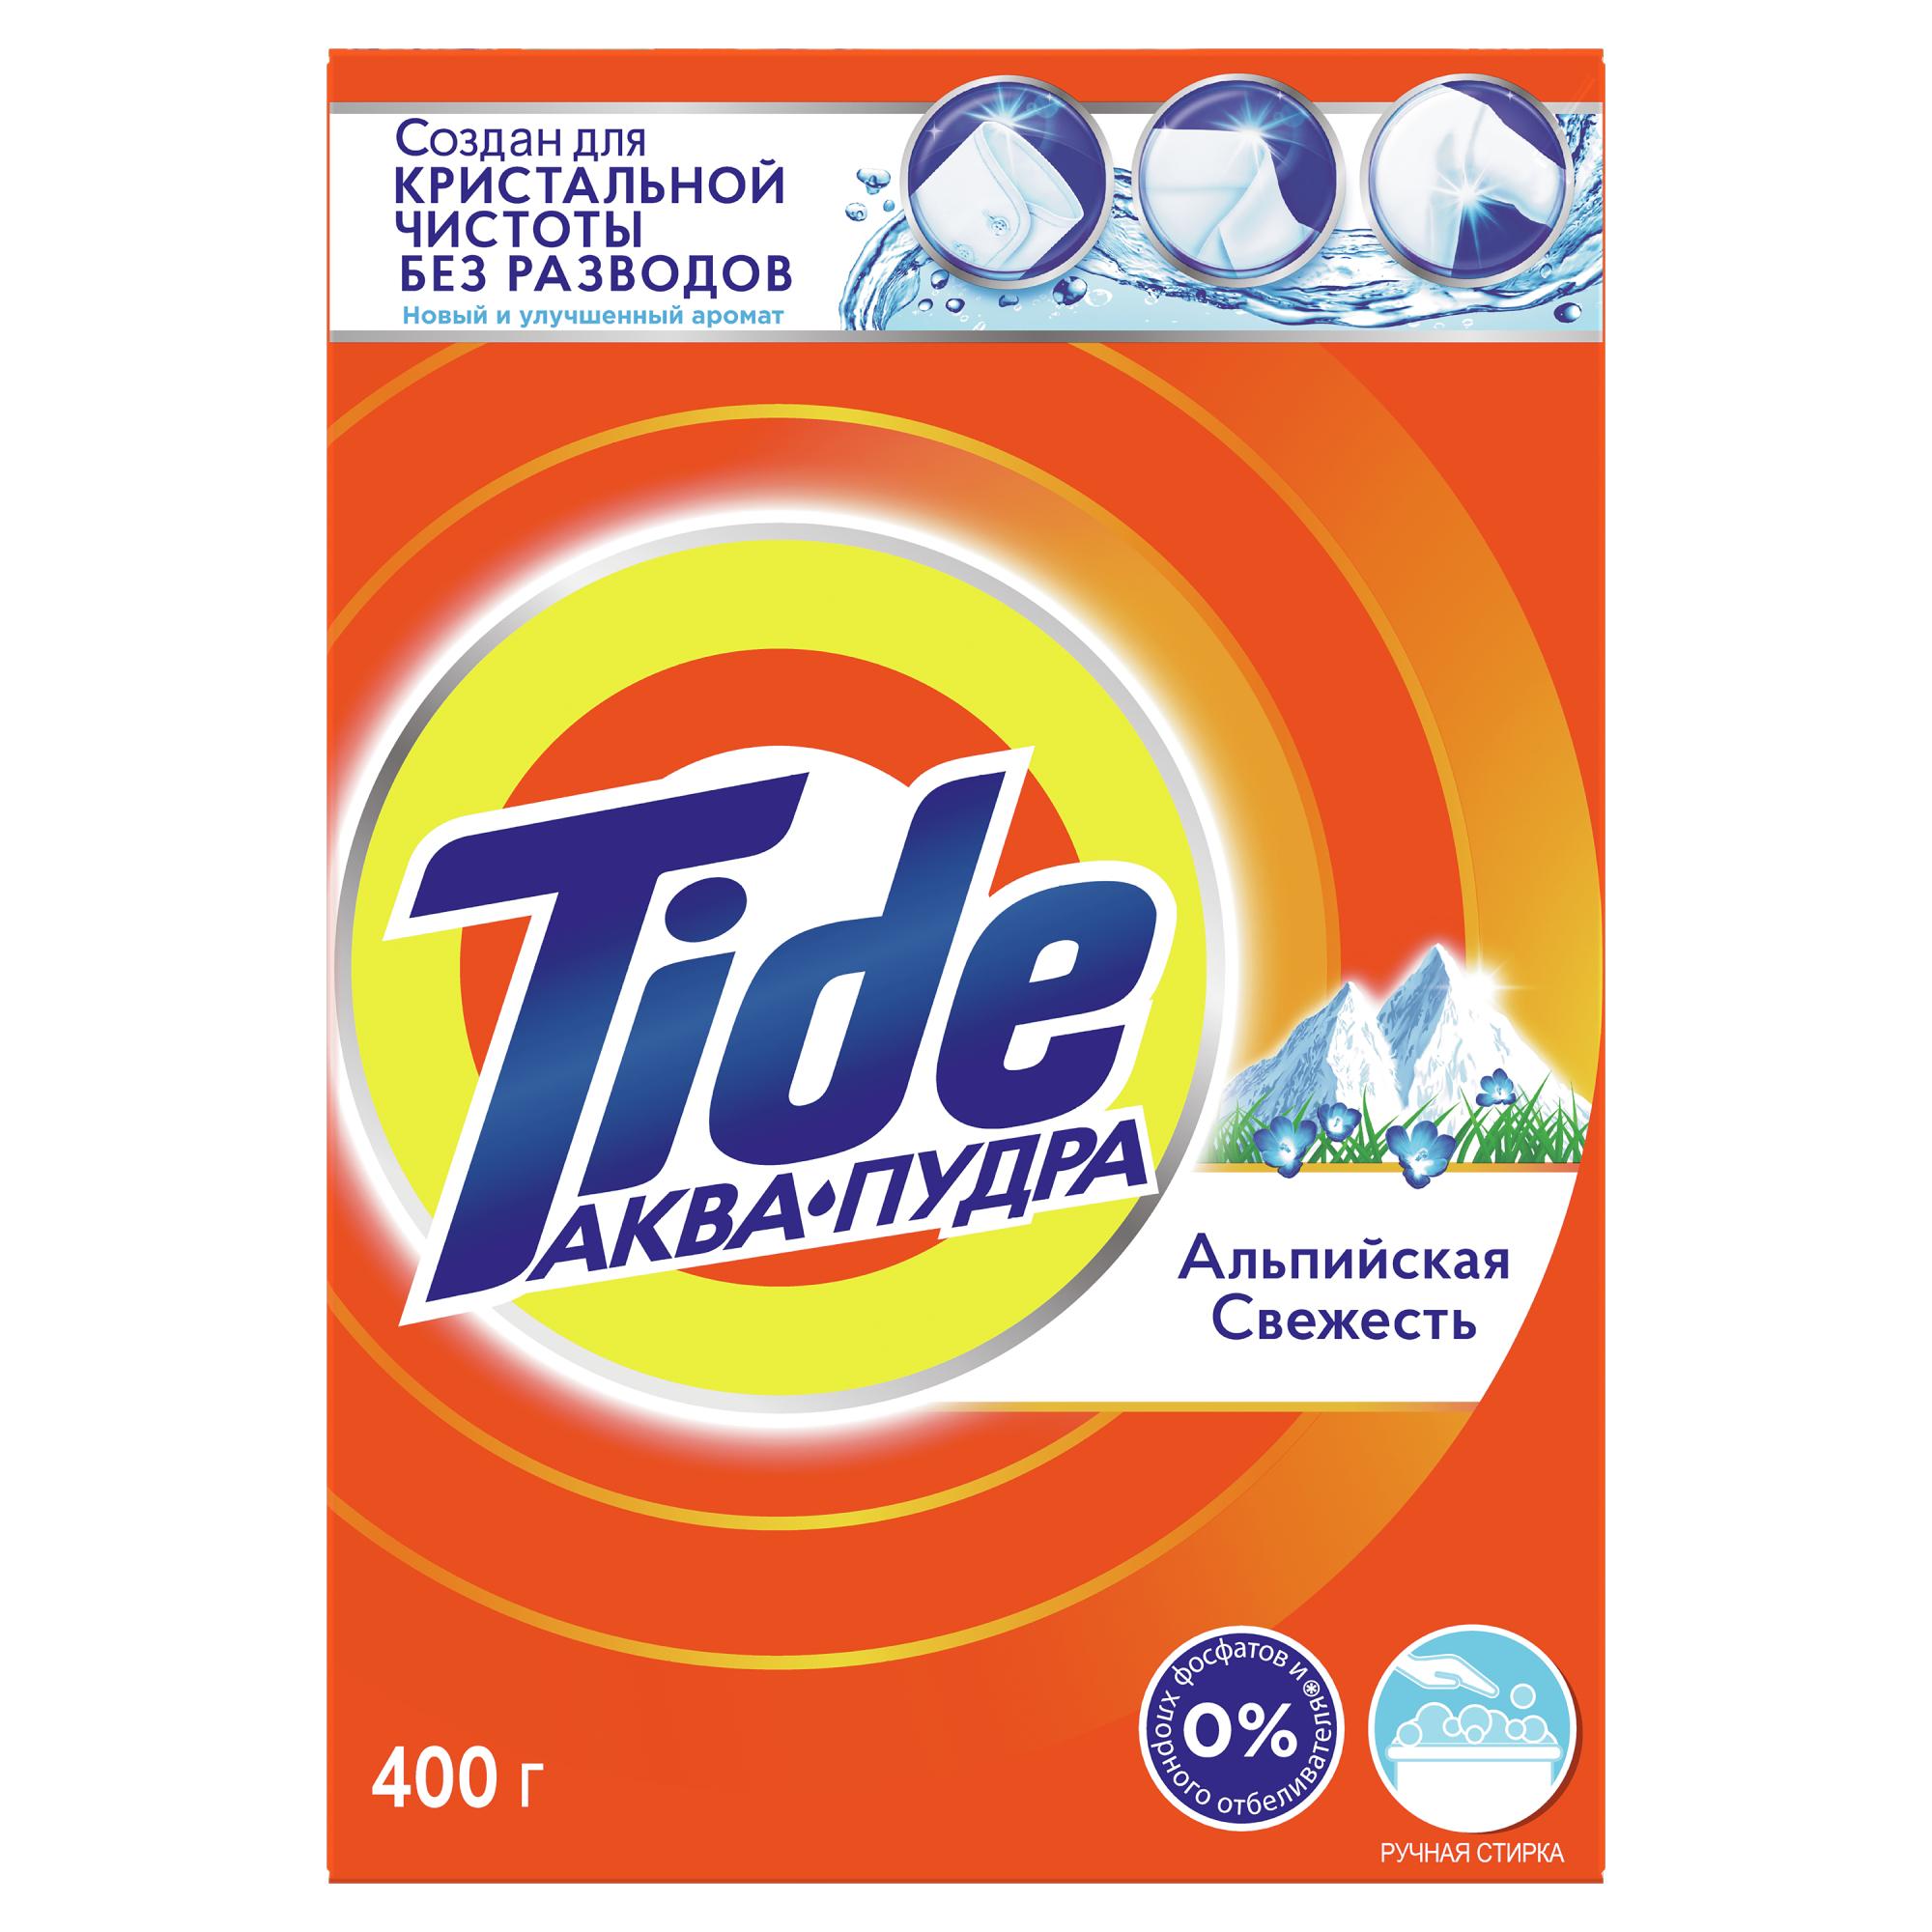 Порошок стиральный Tide Альпийская свежесть 400 г